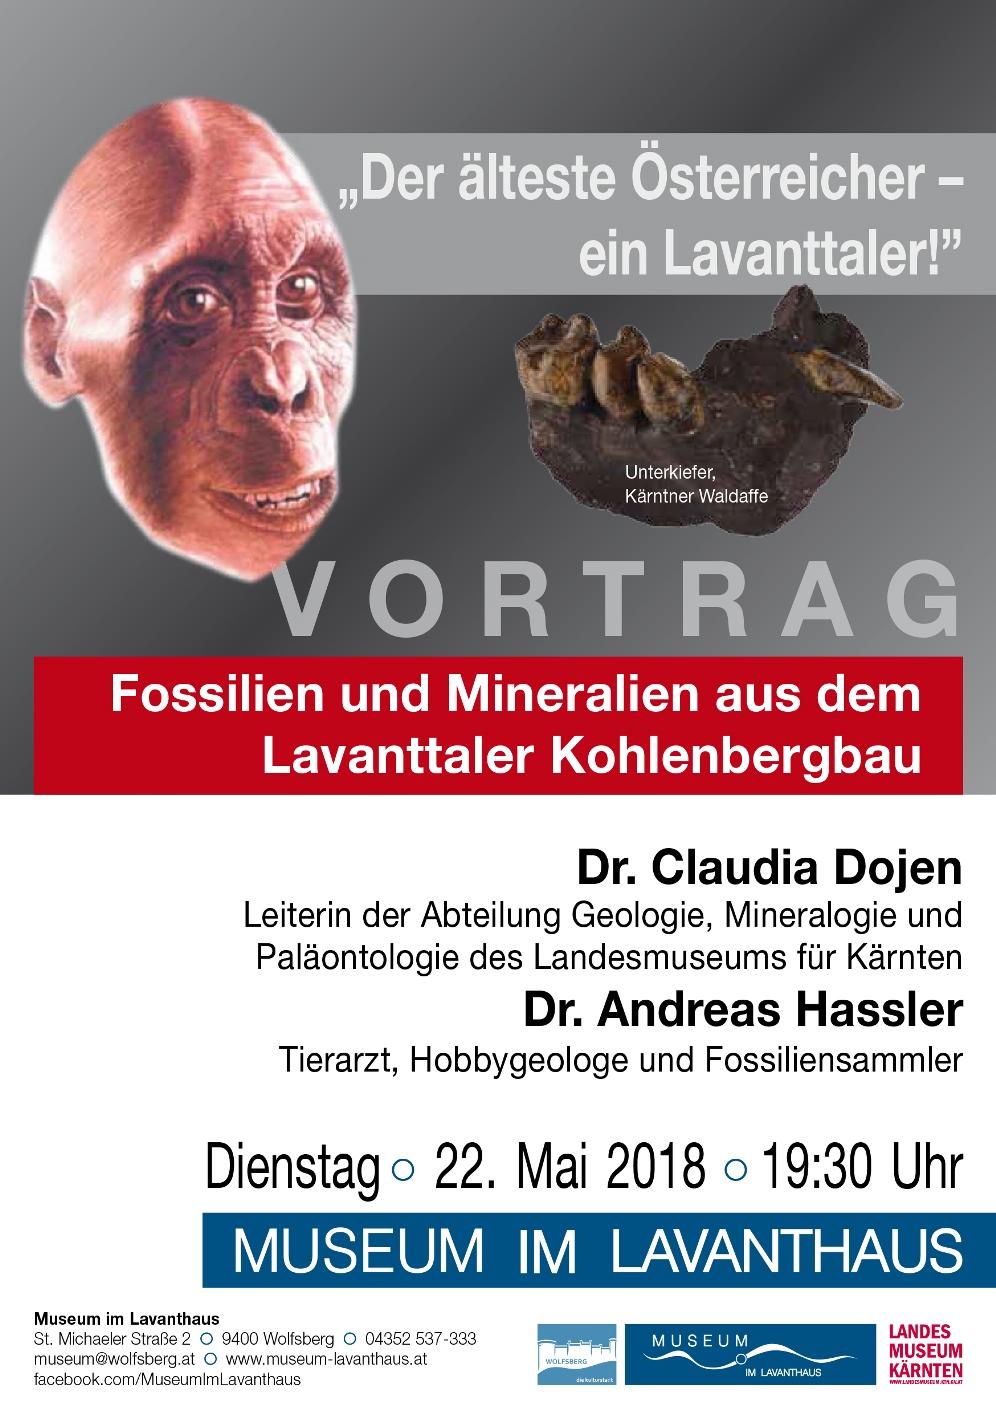 Vortrag_Fossilien, Mineralien_Wolfsberg_web